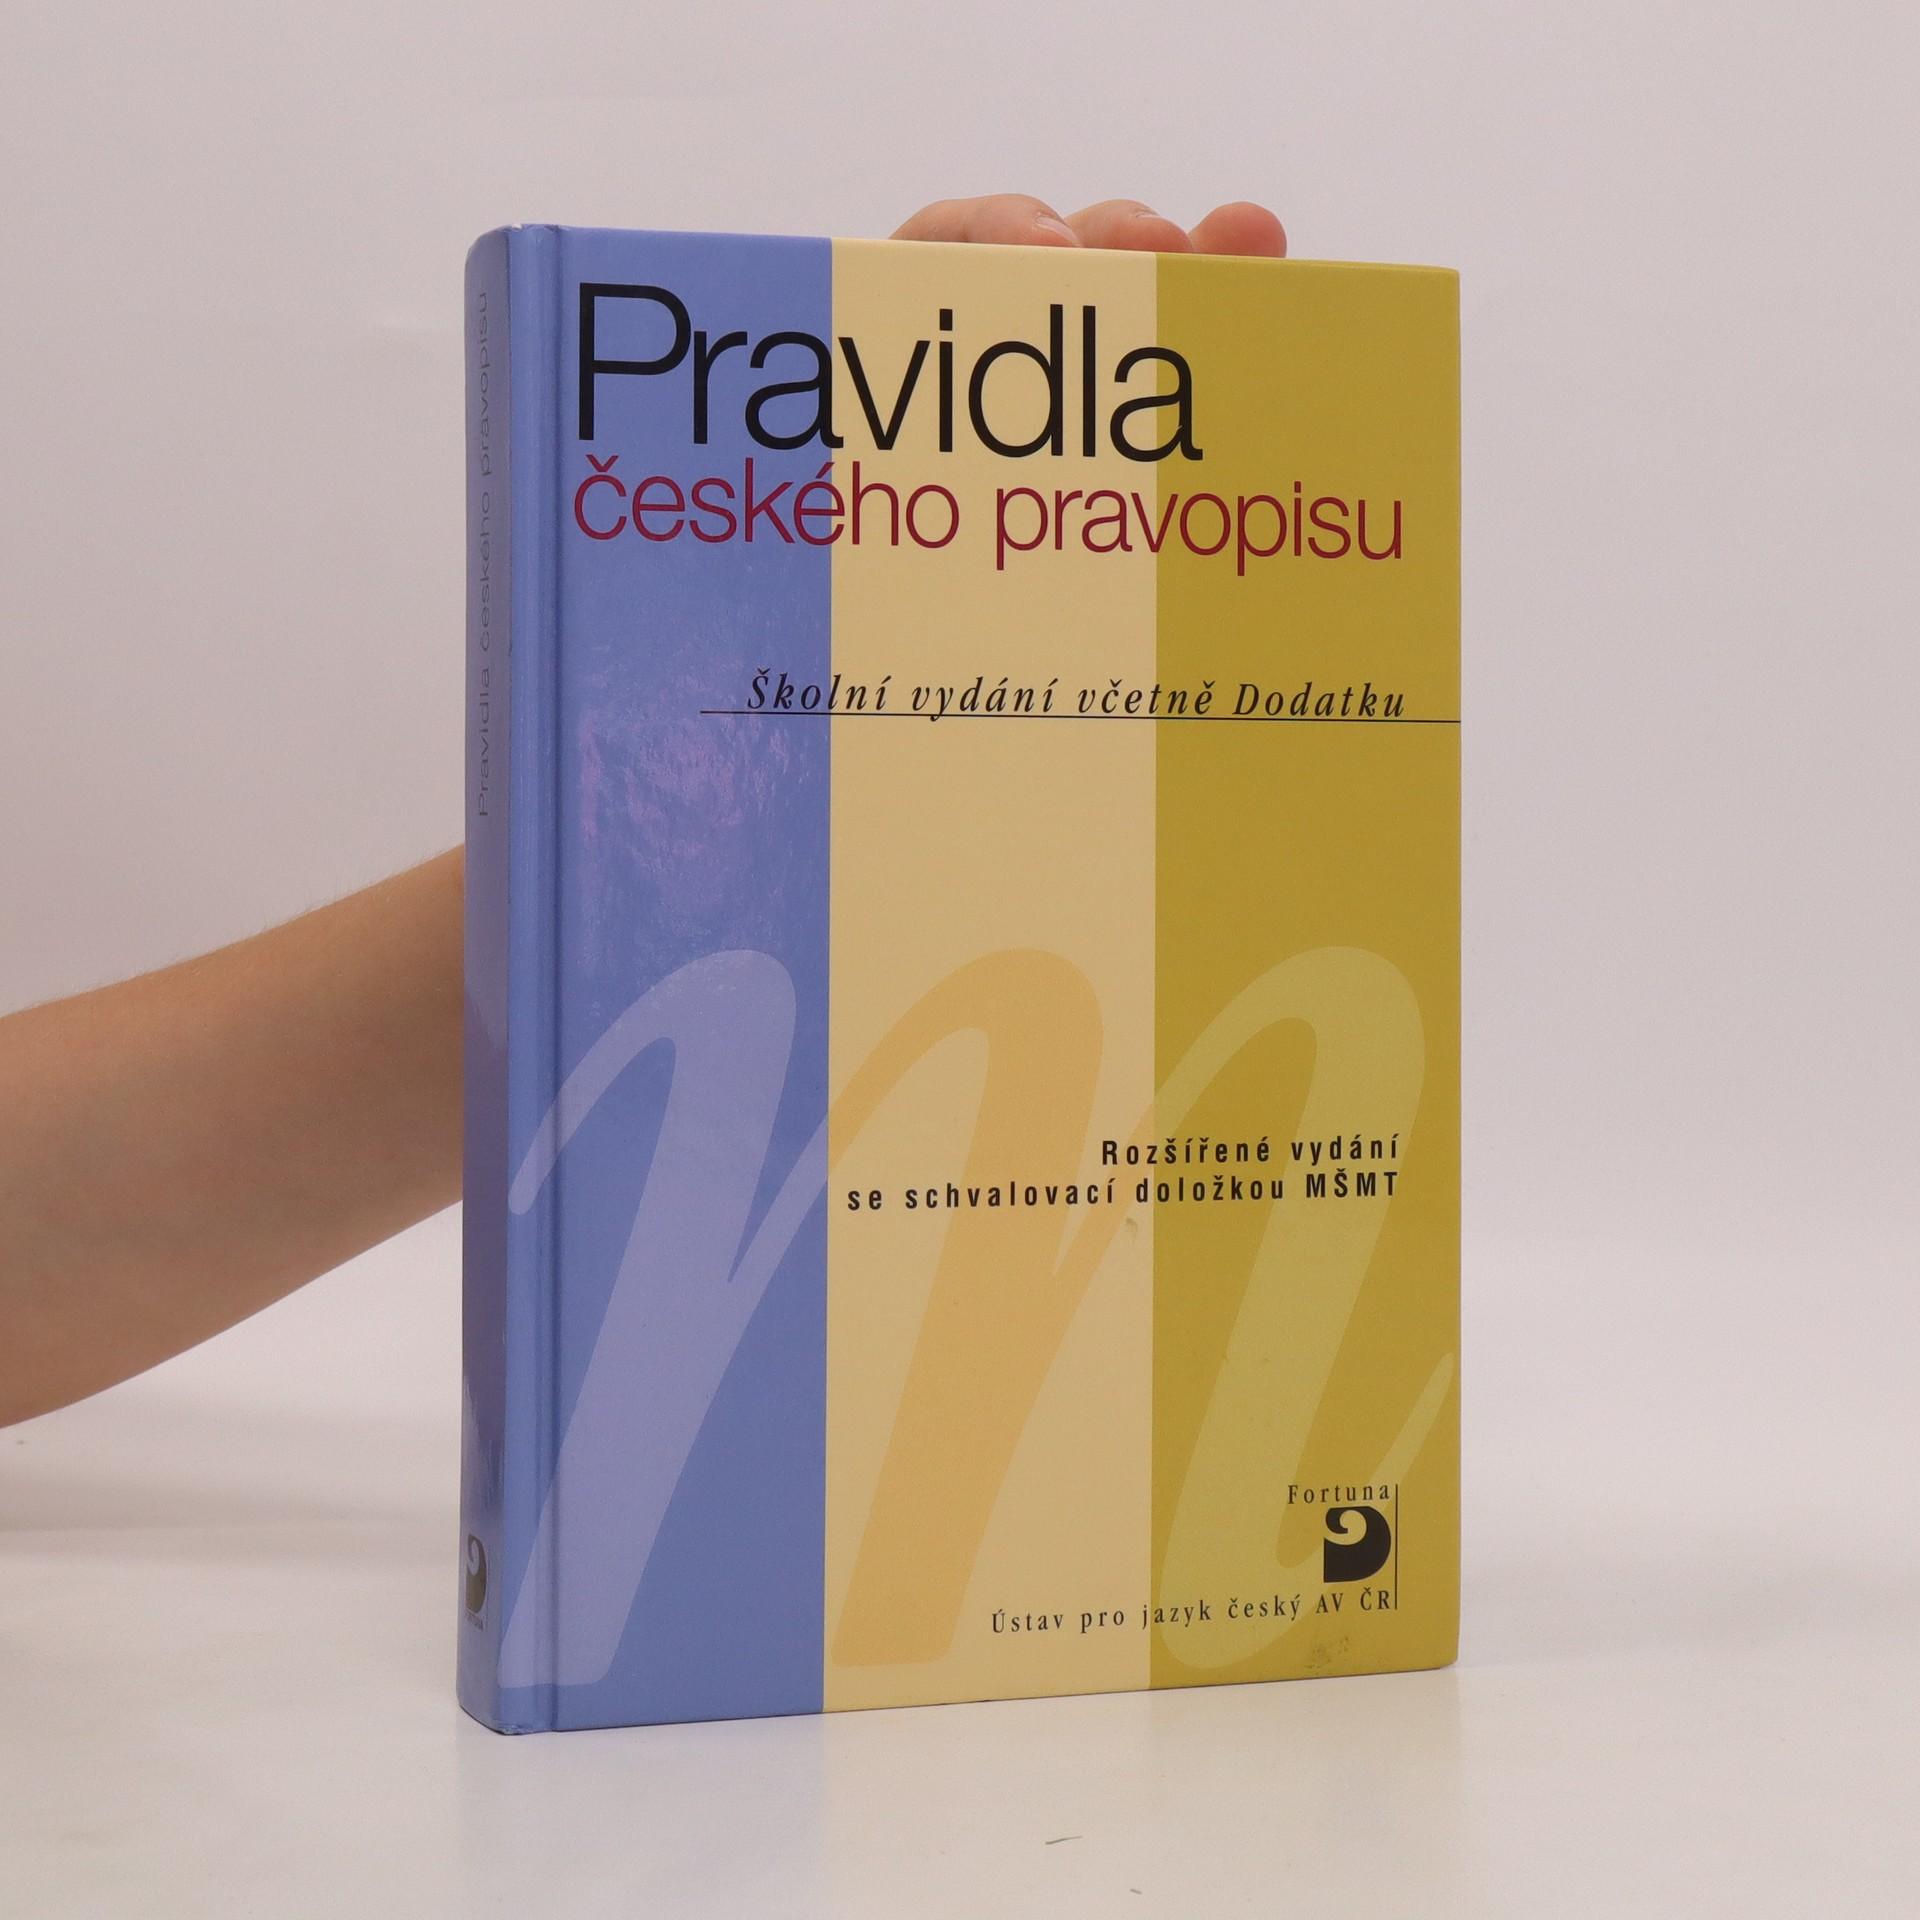 antikvární kniha Pravidla českého pravopisu, 2011